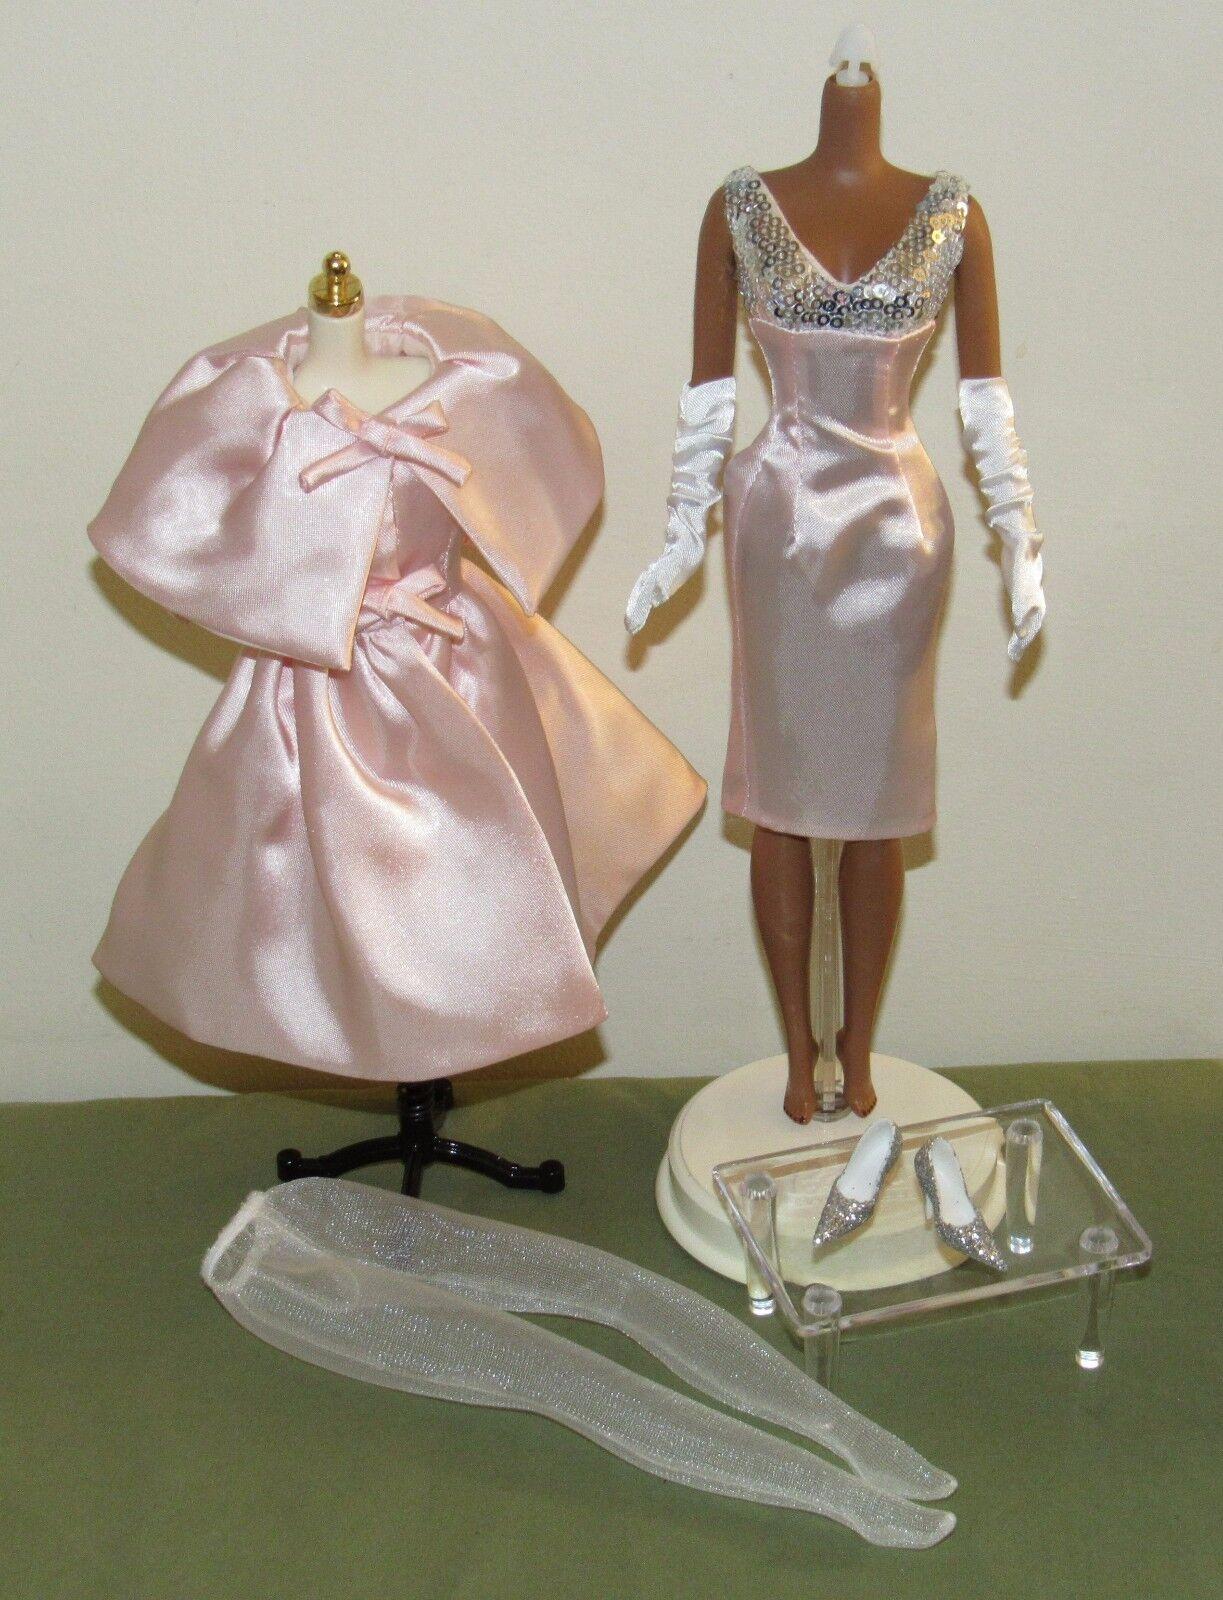 Modelo De Moda Rubor Belleza Barbie Silkstone traje conjunto sólo BFC Exclusivo